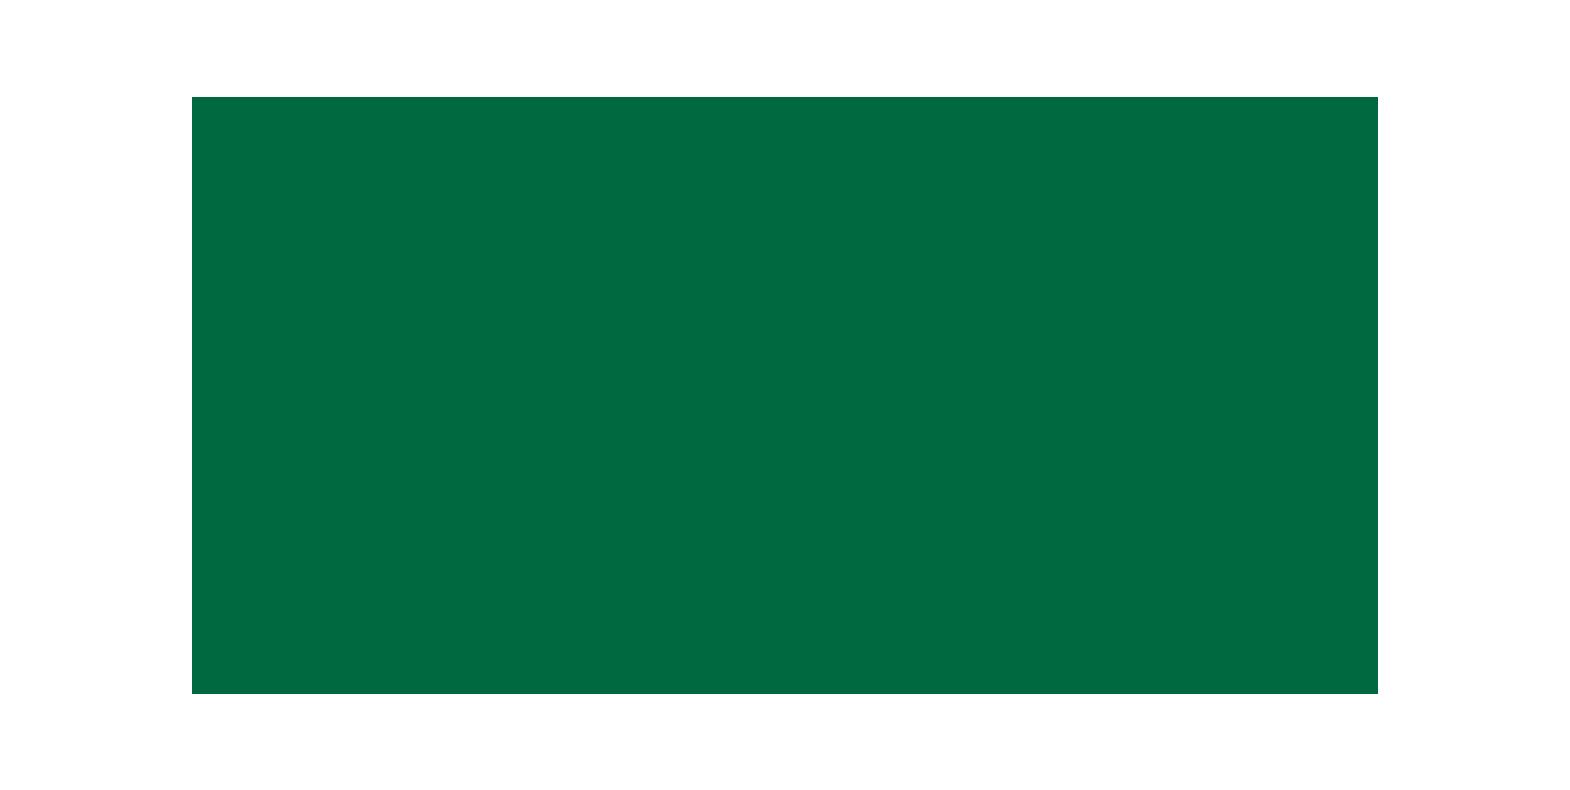 geantvertlogo, geantvert